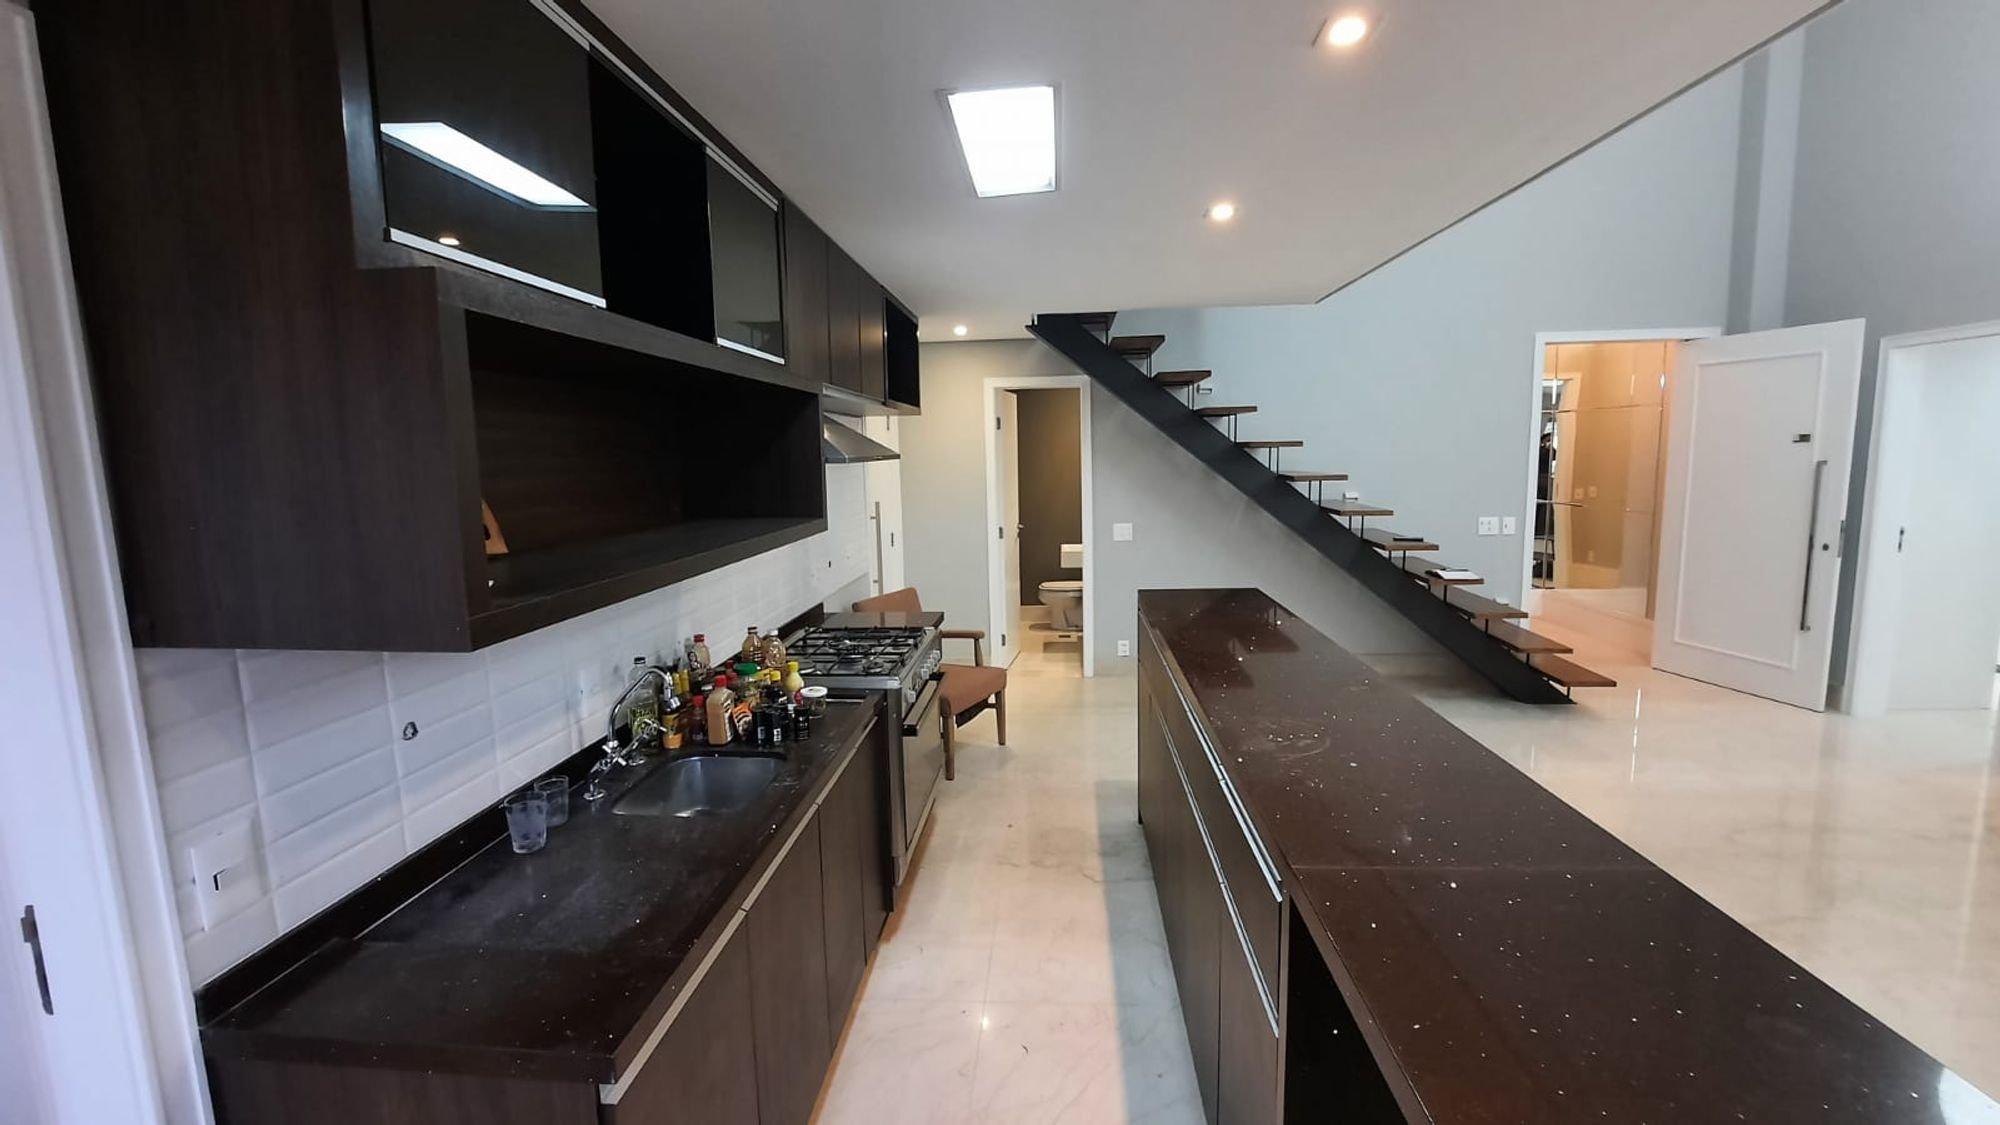 Foto de Cozinha com televisão, pia, xícara